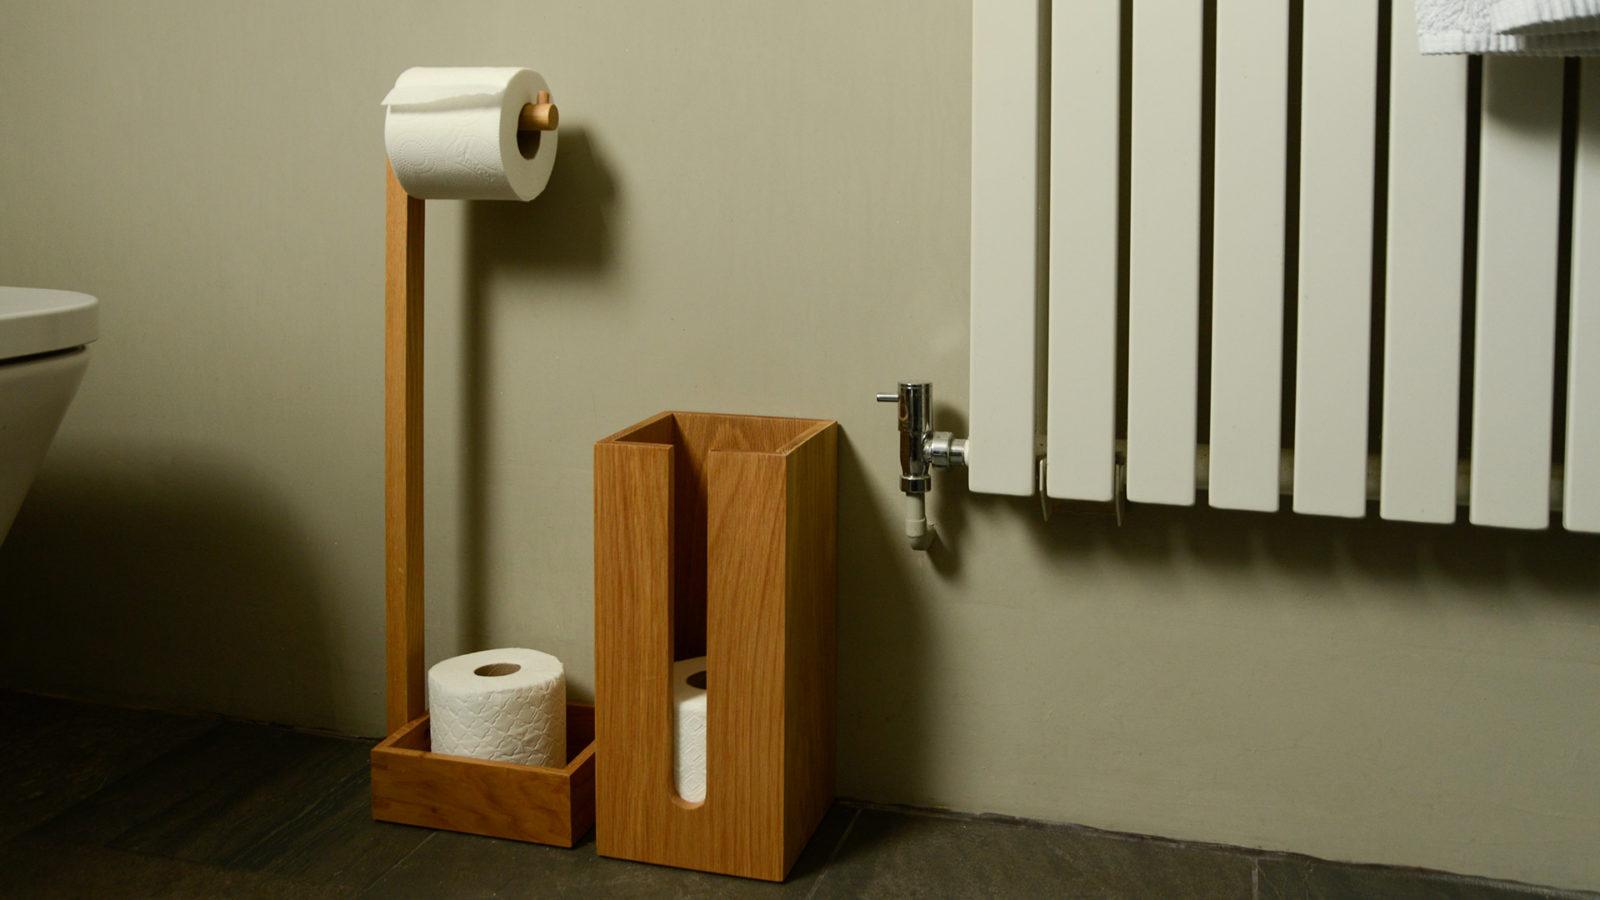 oak storage for toilet rolls